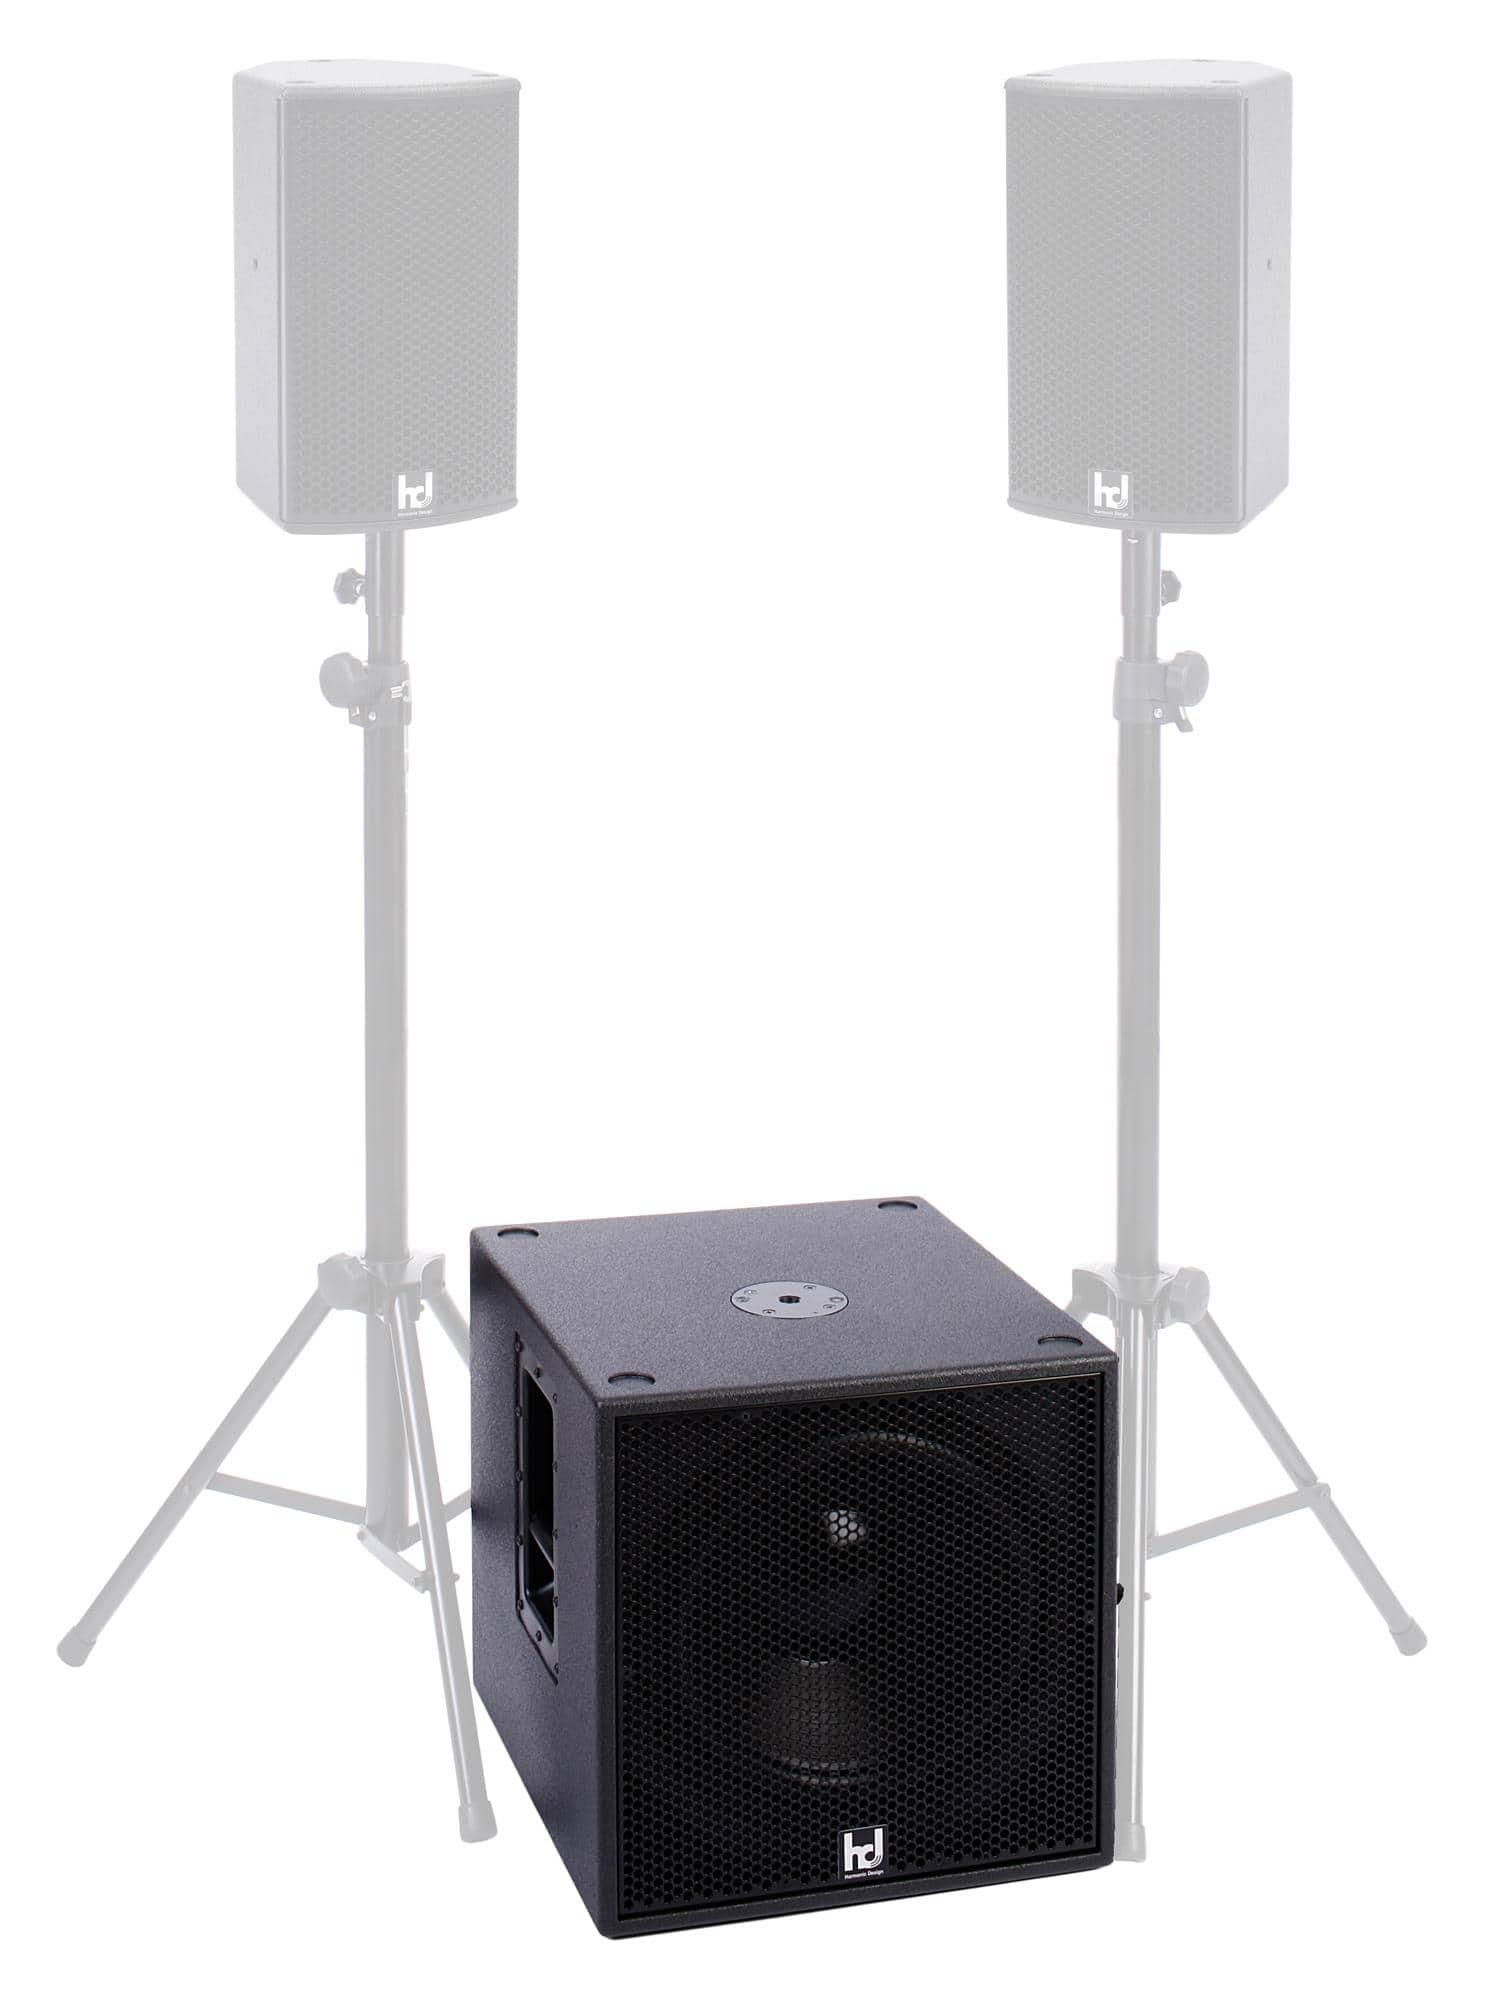 harmonic design p15 multi dsp aktiv subwoofer. Black Bedroom Furniture Sets. Home Design Ideas